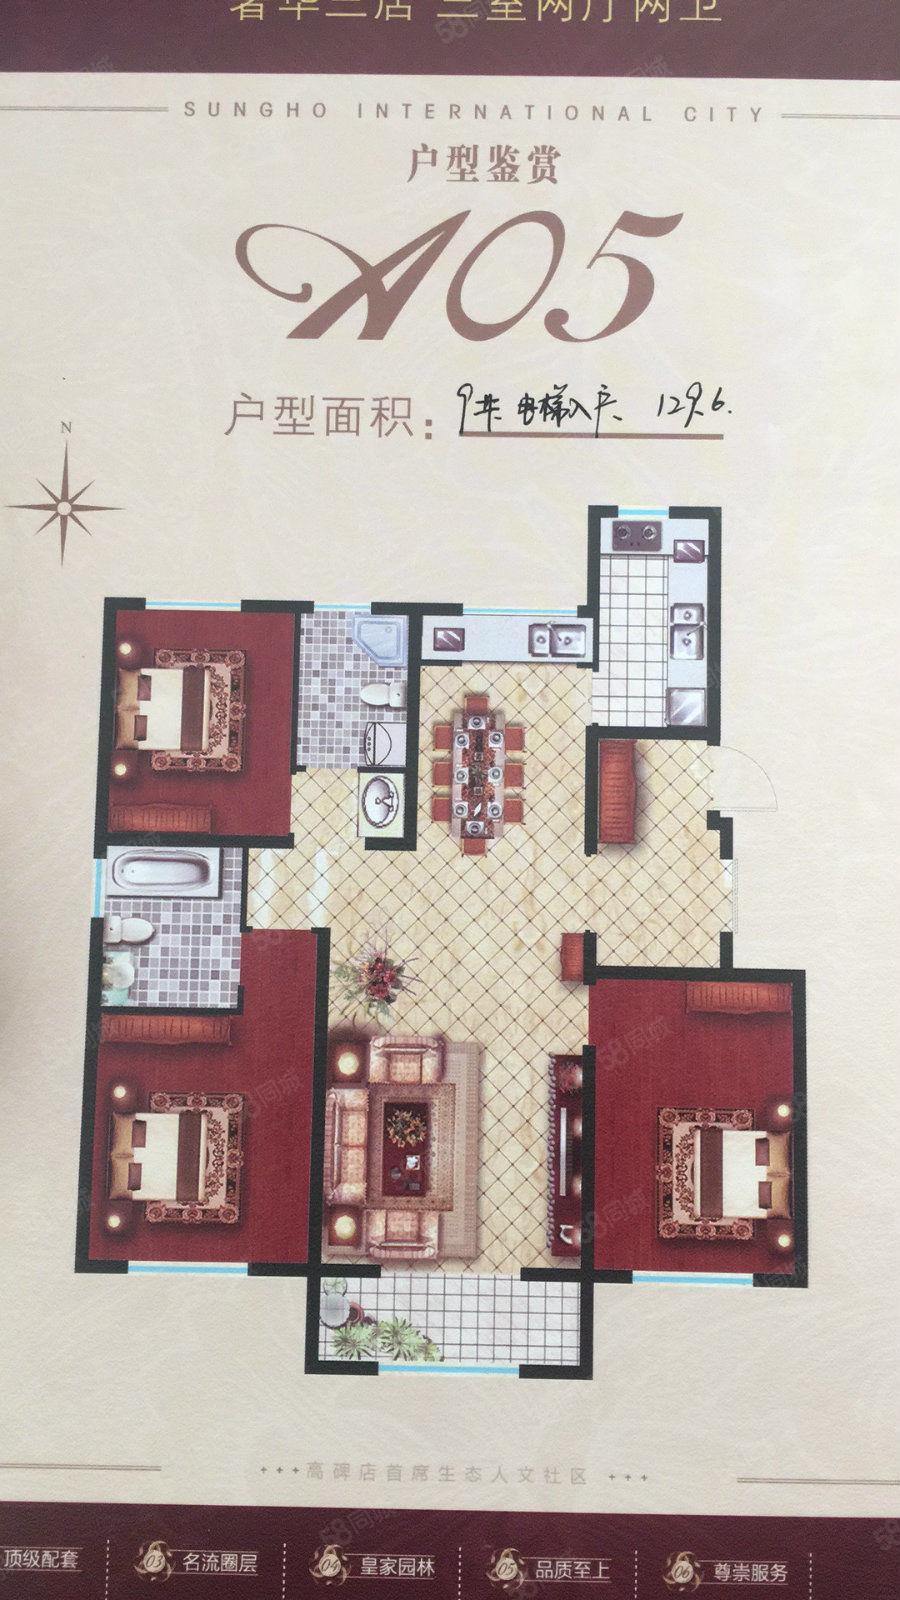 尚豪国际城洋房133平米电梯入户一梯两户售价8700外地可买